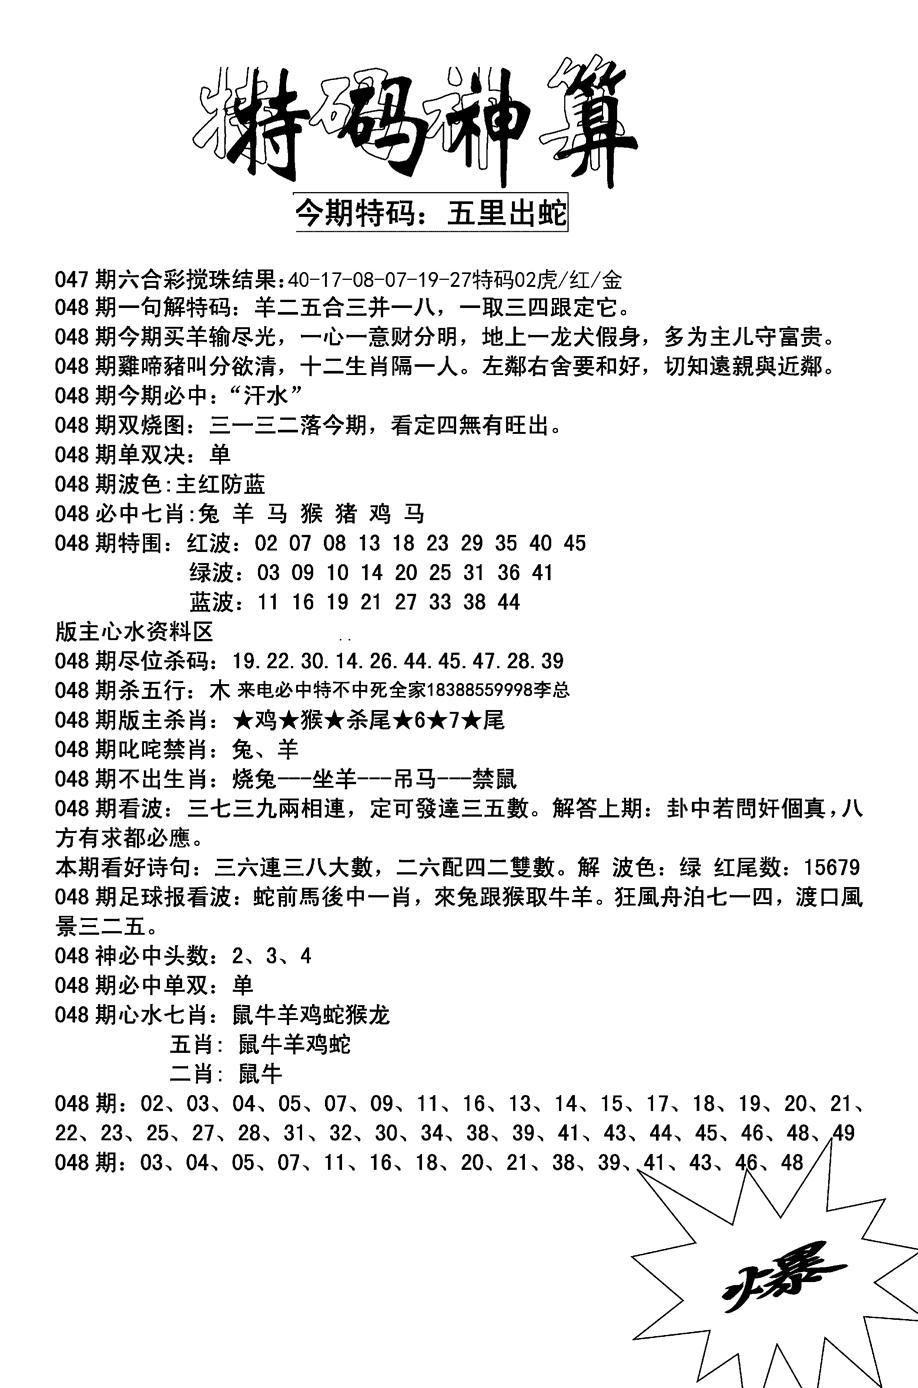 048期特码神算(黑白)